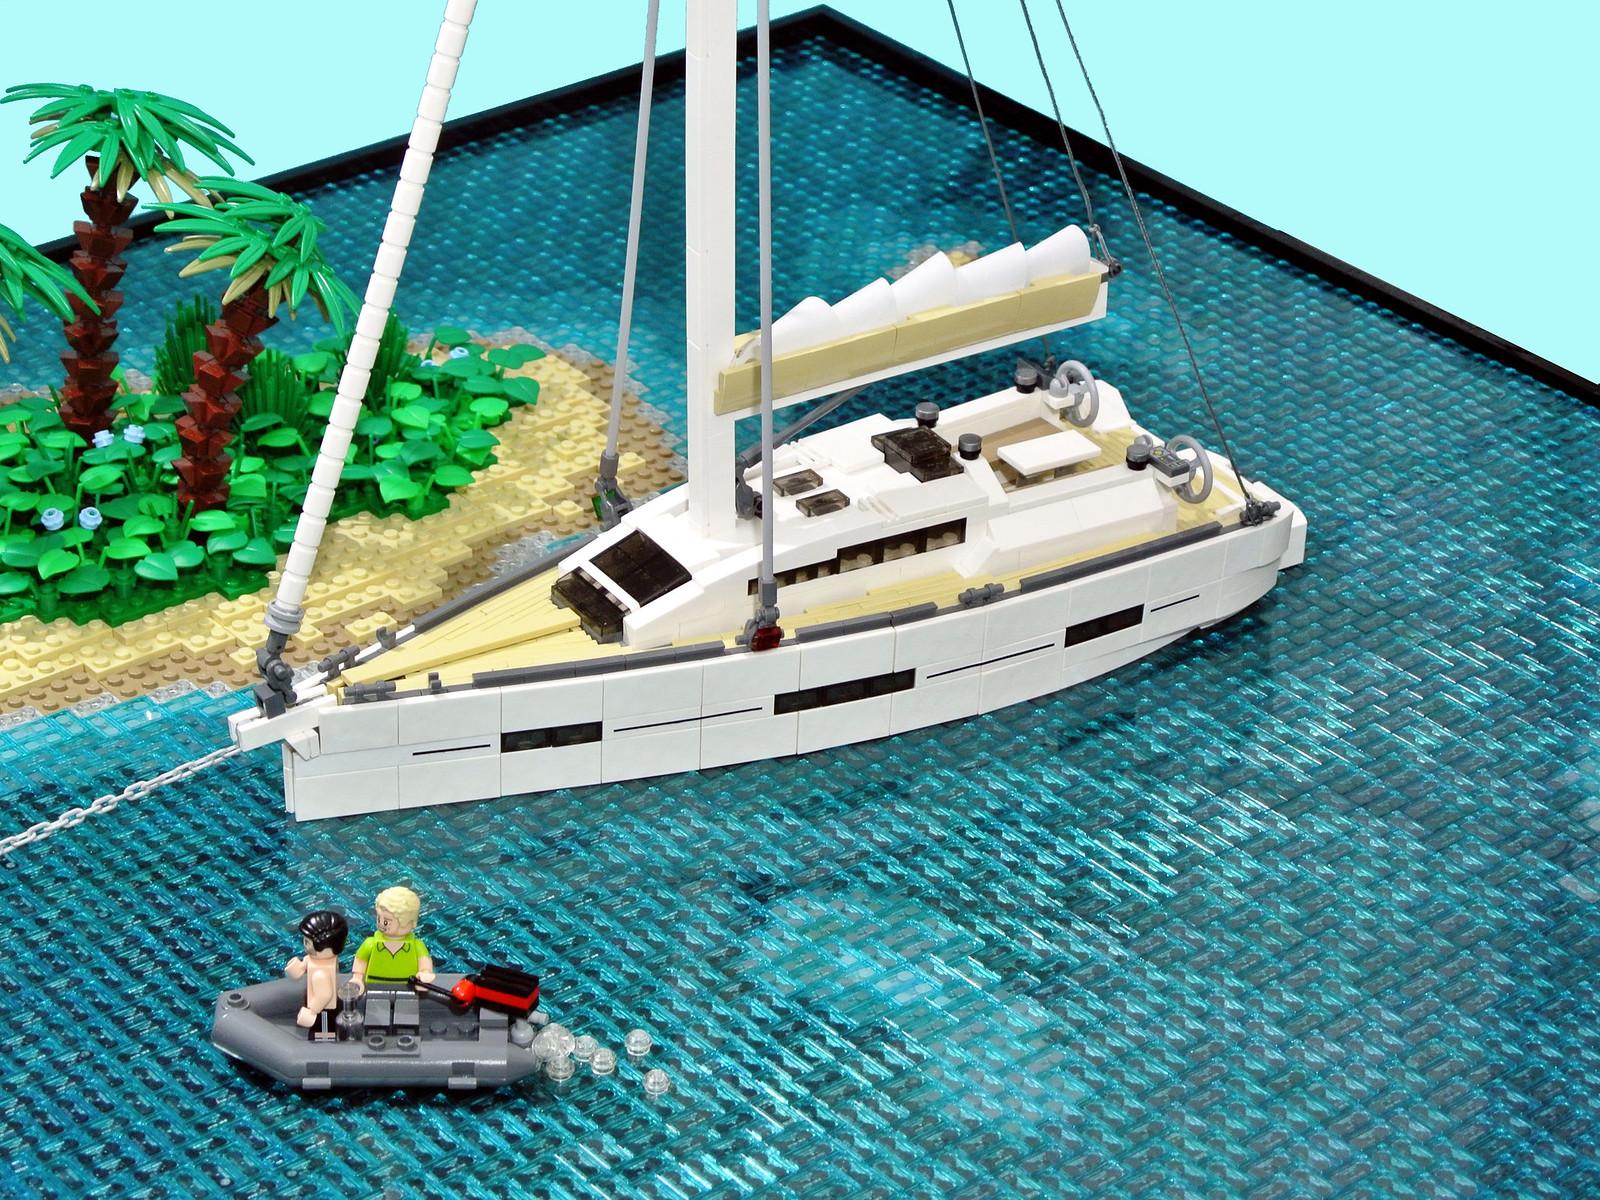 лего саморобка яхта в морі